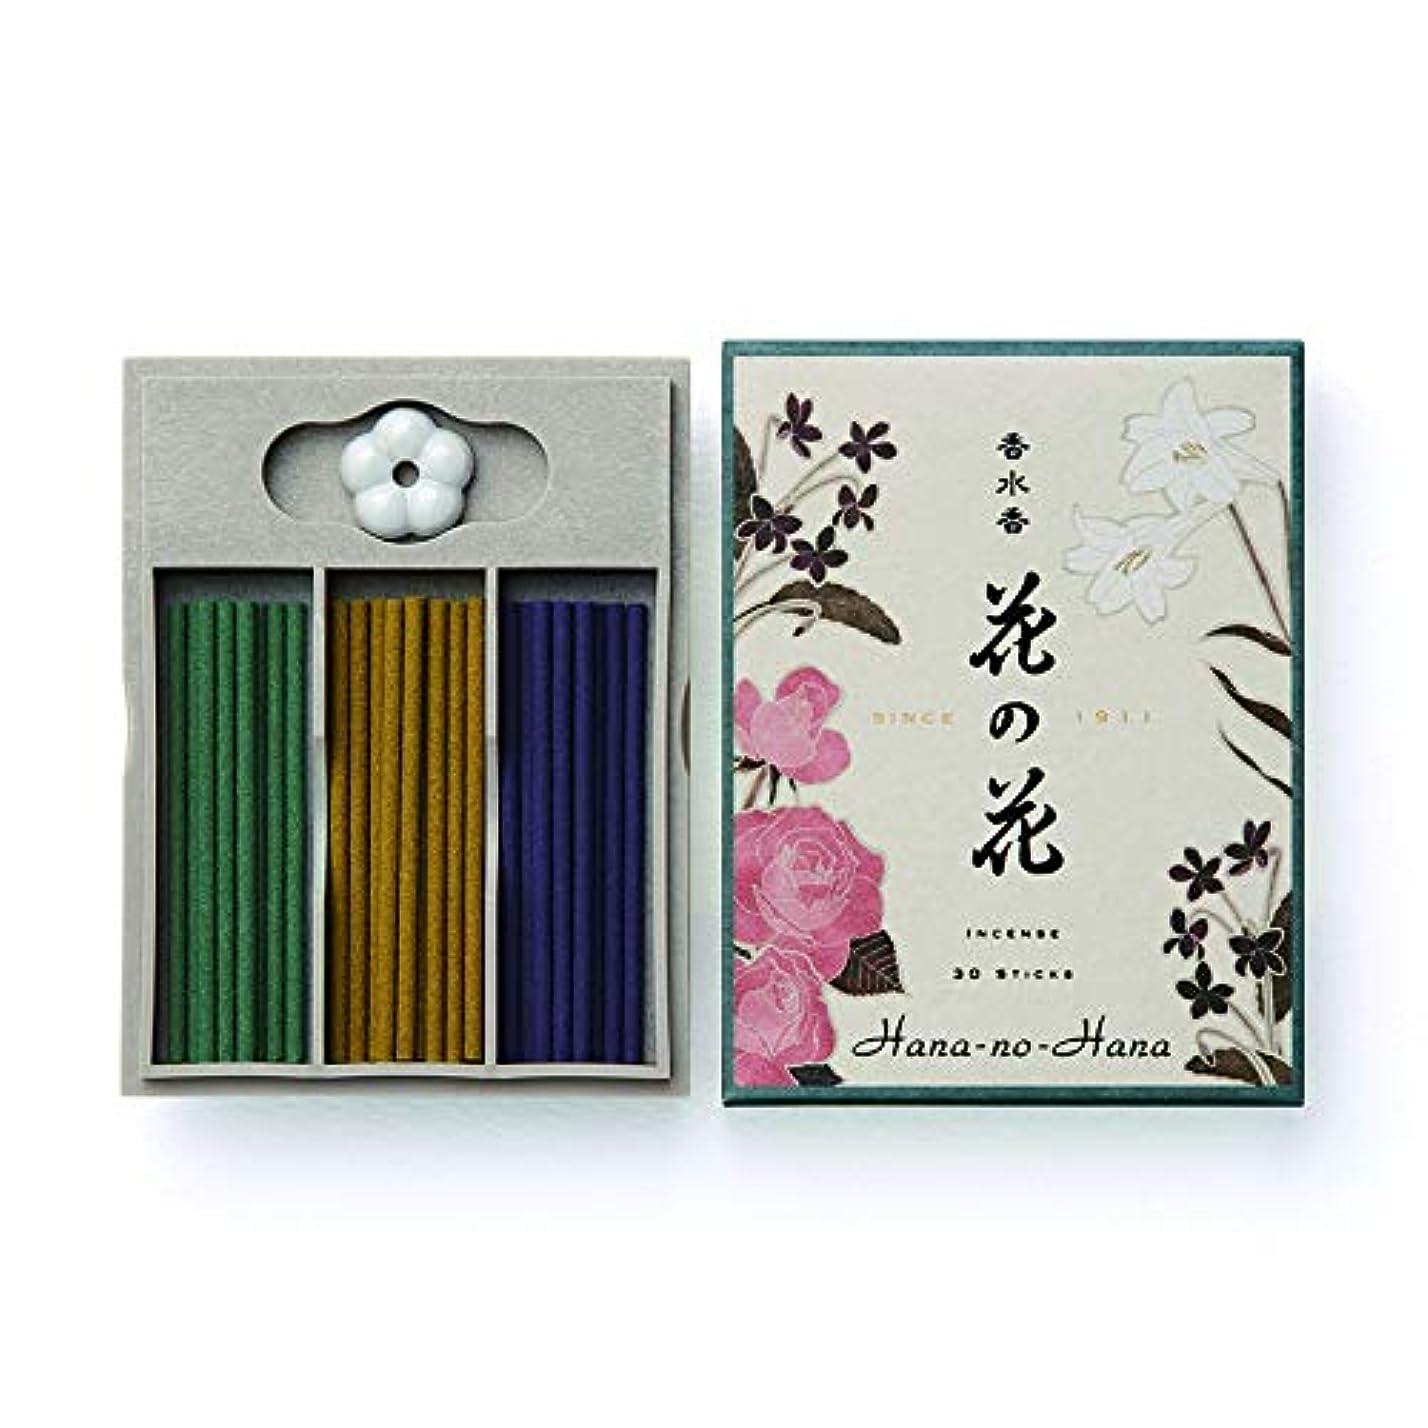 処分した塗抹小道具お香 香水香花の花 3種入 S30本入(30001)